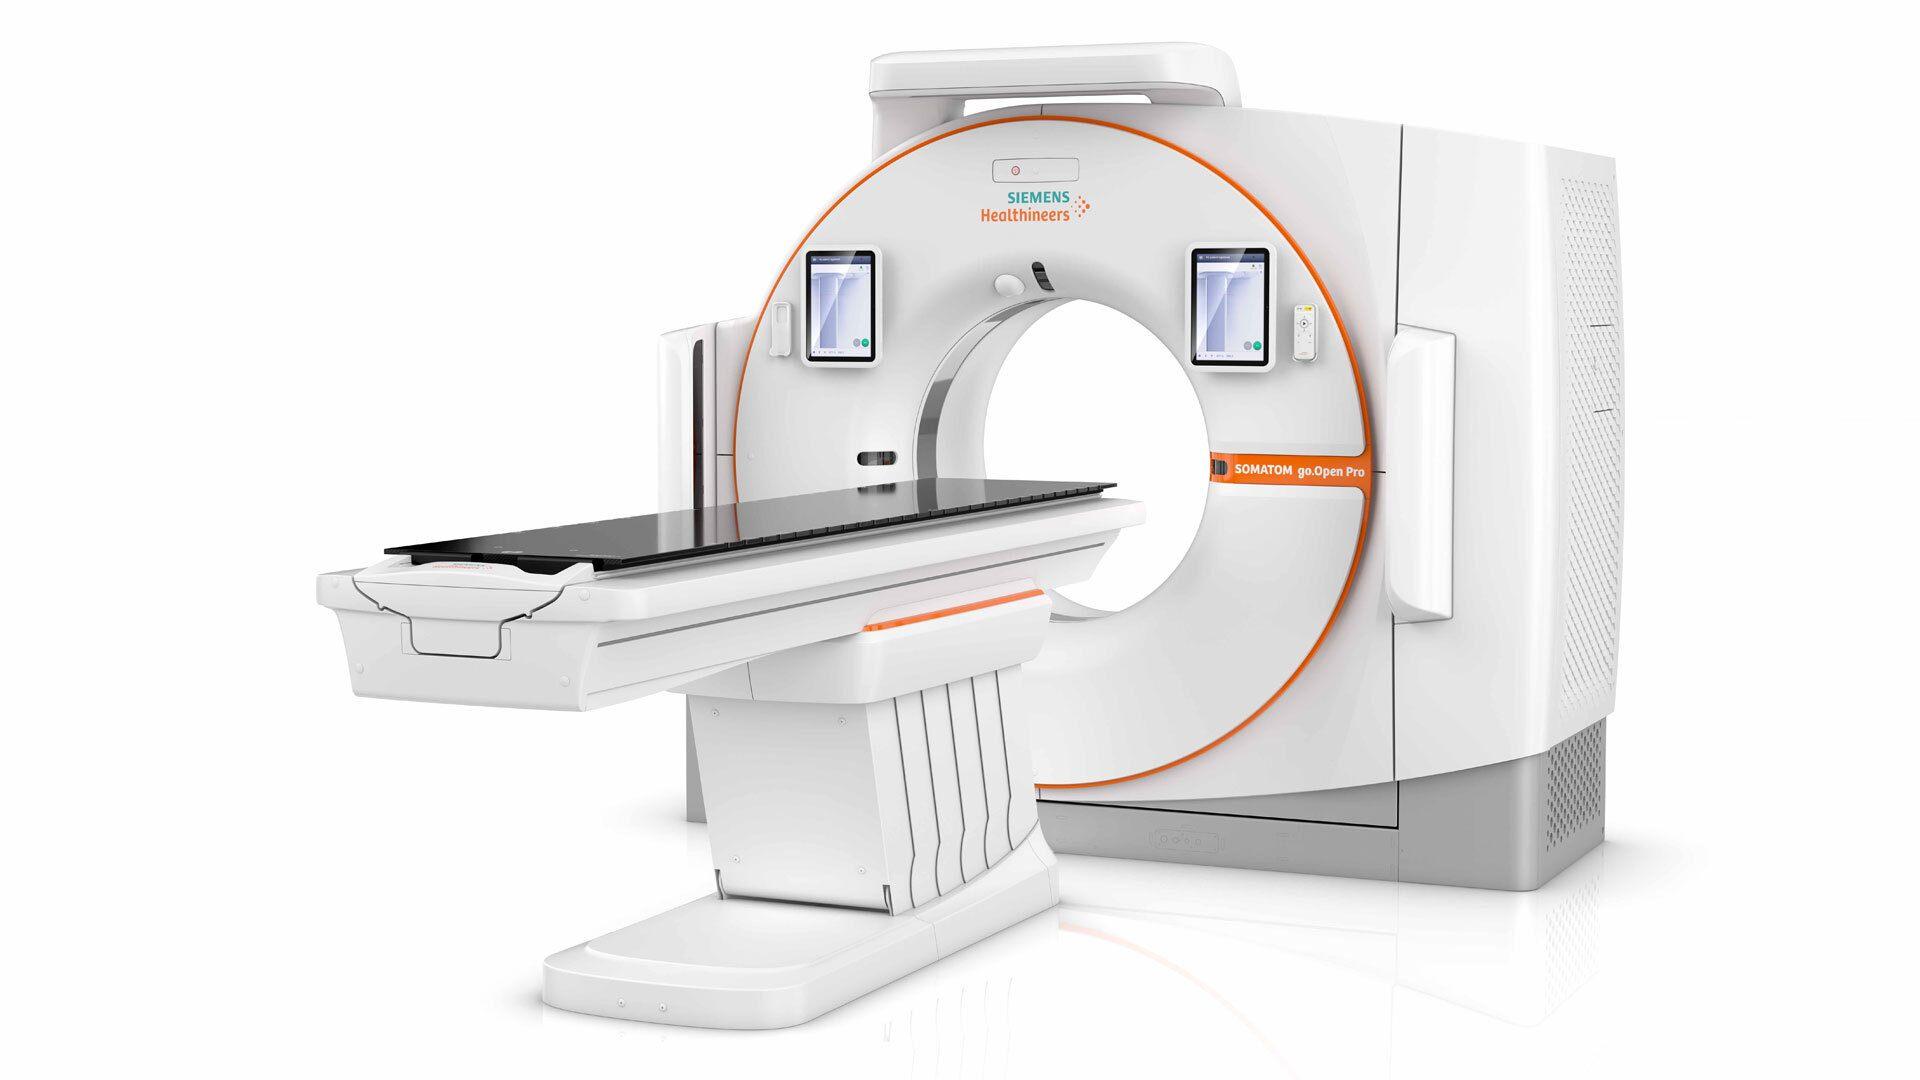 Siemens Healthineers präsentiert zwei CT-Systeme speziell für die Bestrahlungsplanung